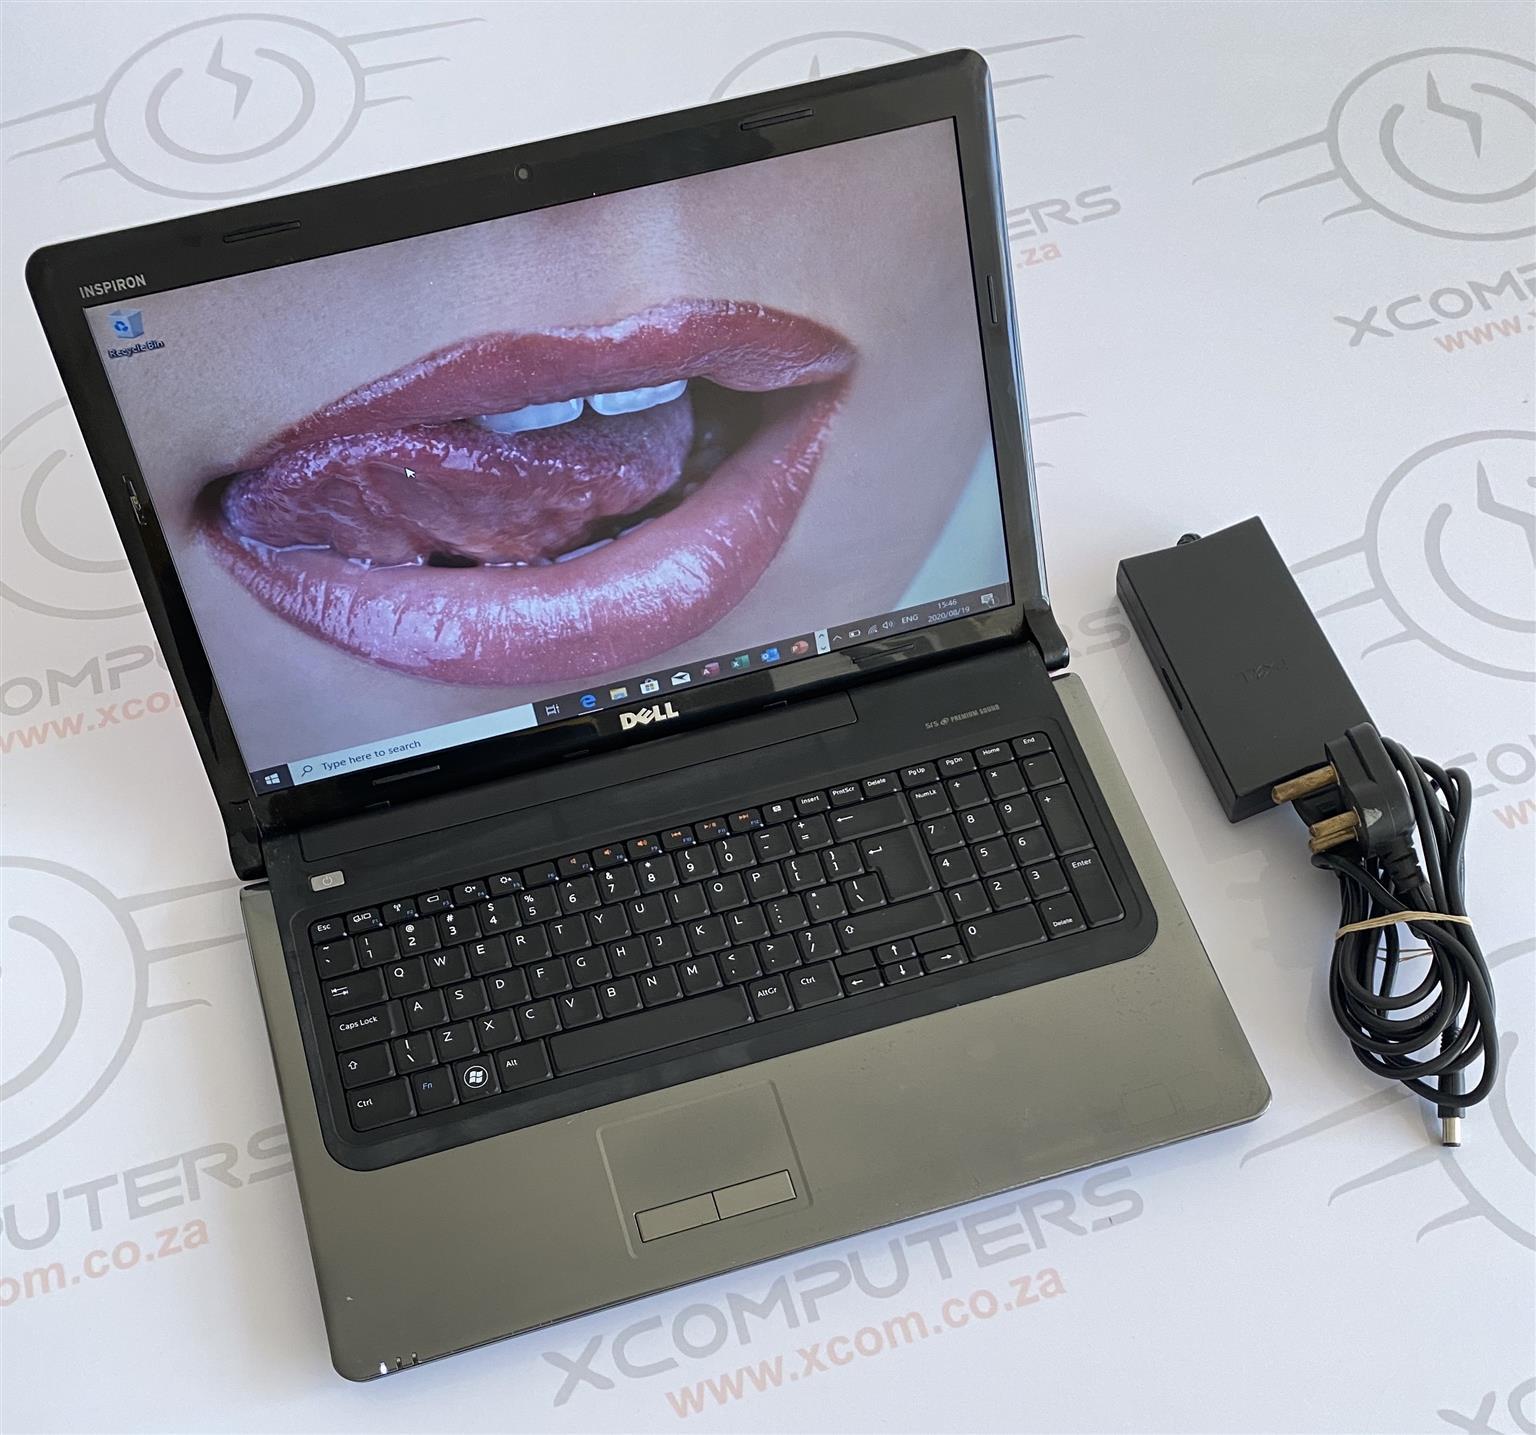 Dell Inspiron Core i3 Laptop R4000